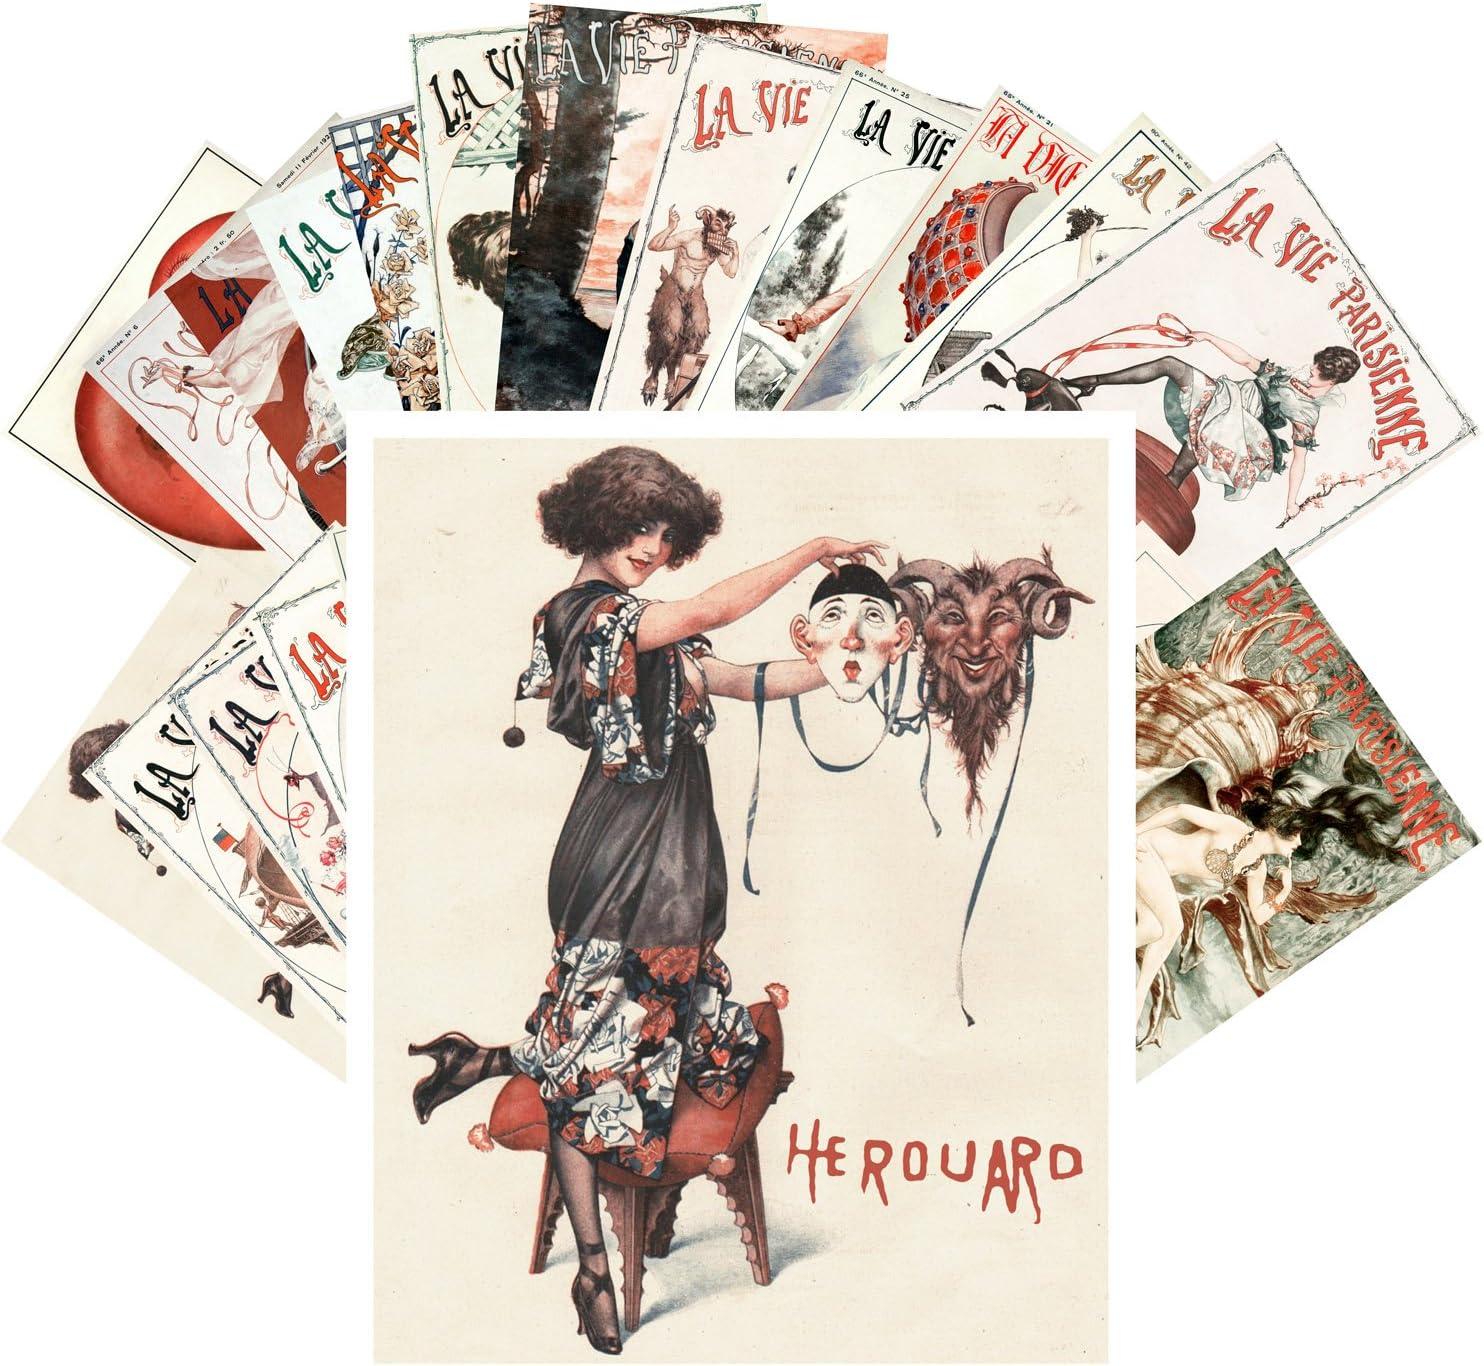 Postcard Pack 24pcs La Vie Save money Pinup Cheri Ranking TOP15 European Parisien Vintage